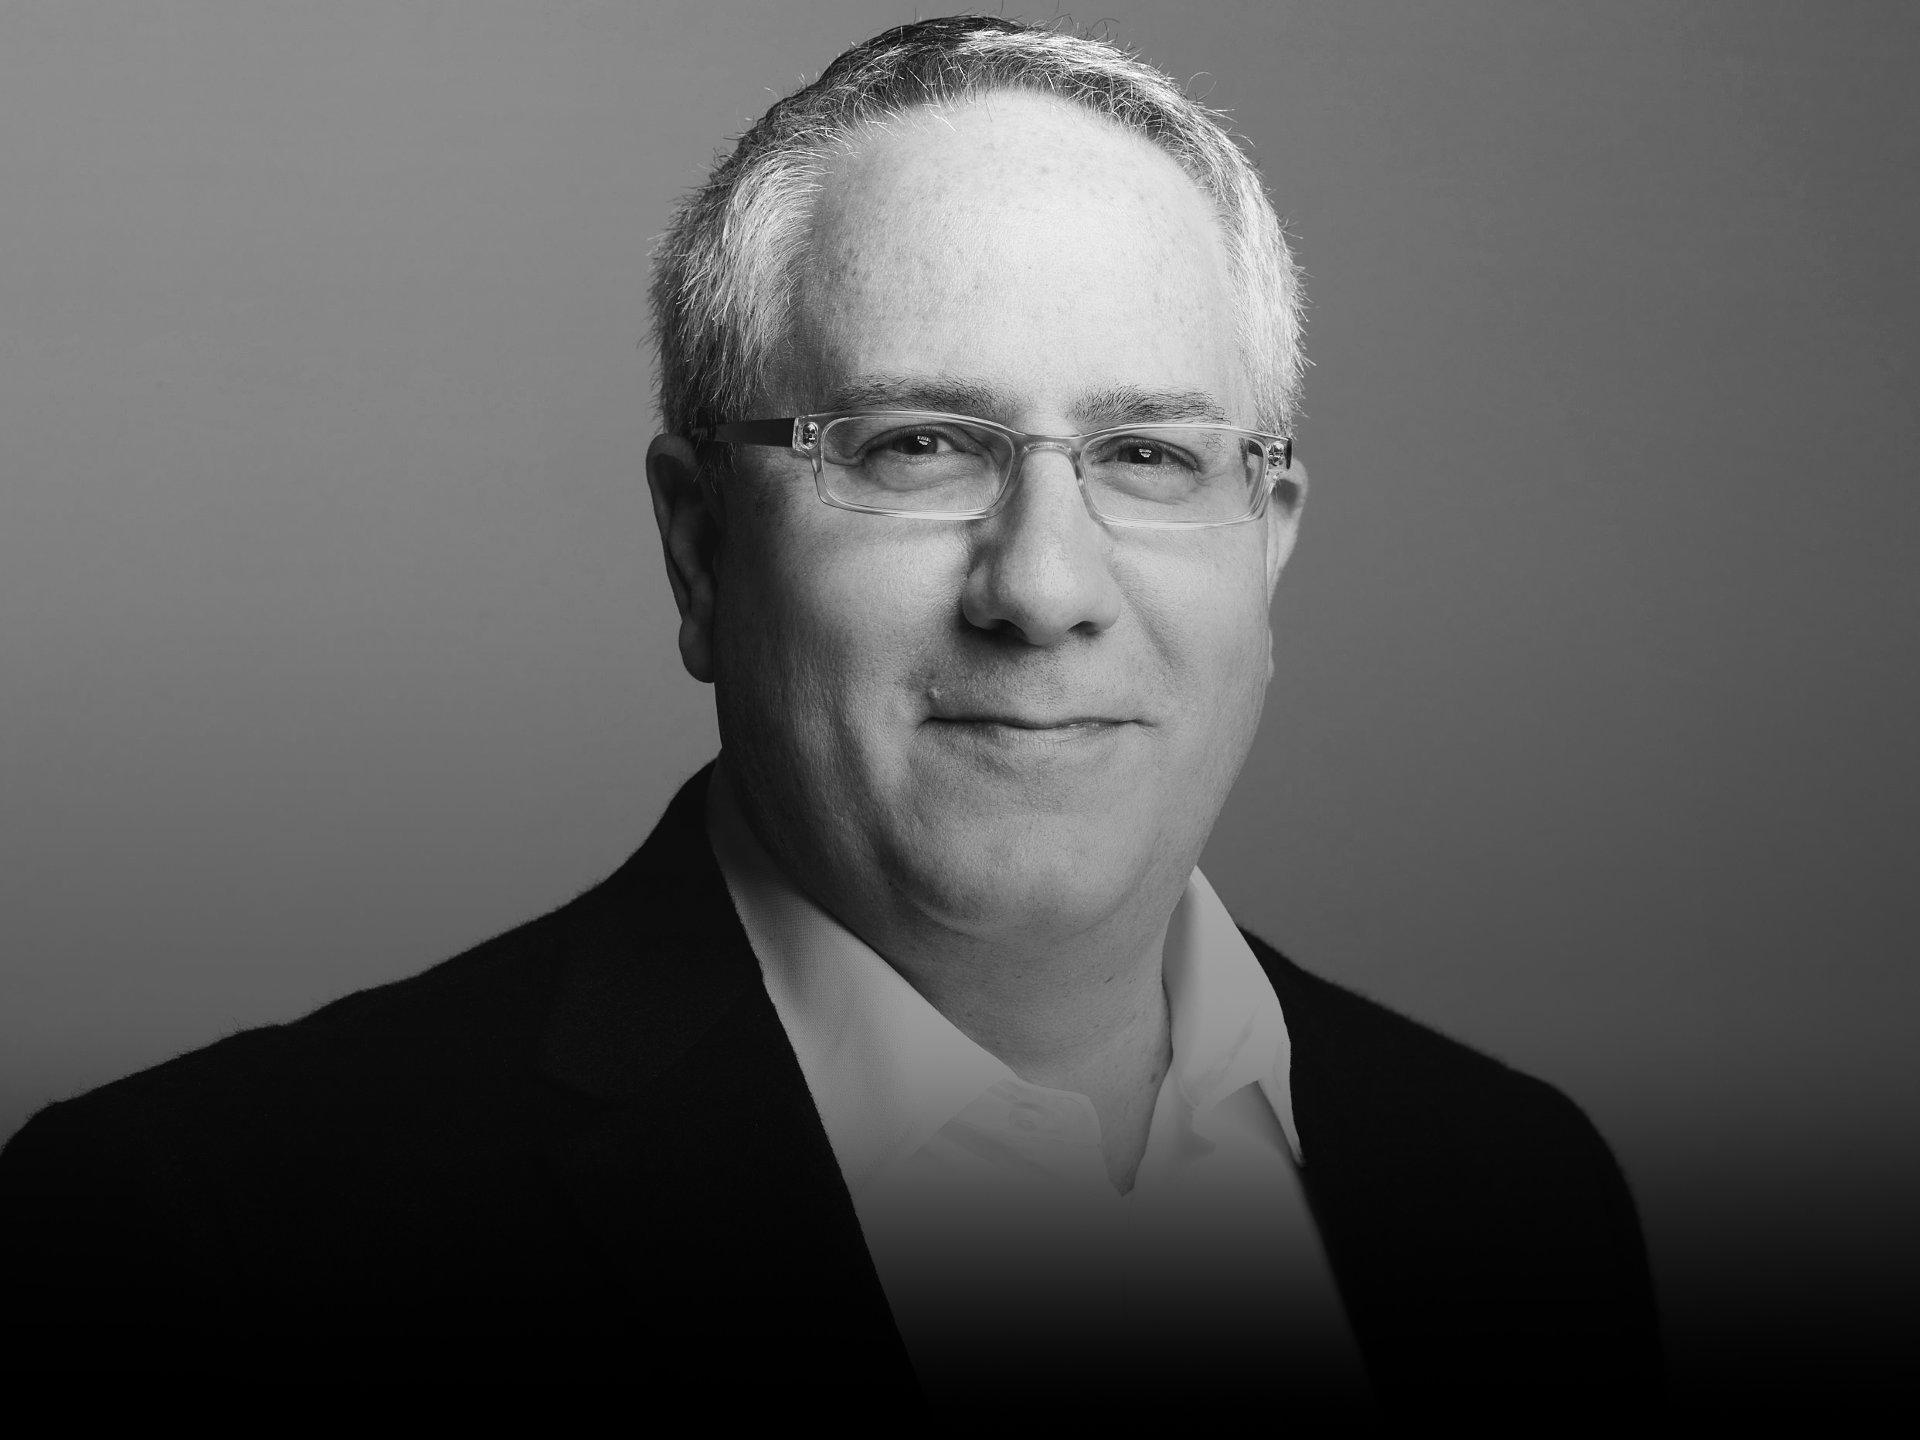 Image of Jim Roppo